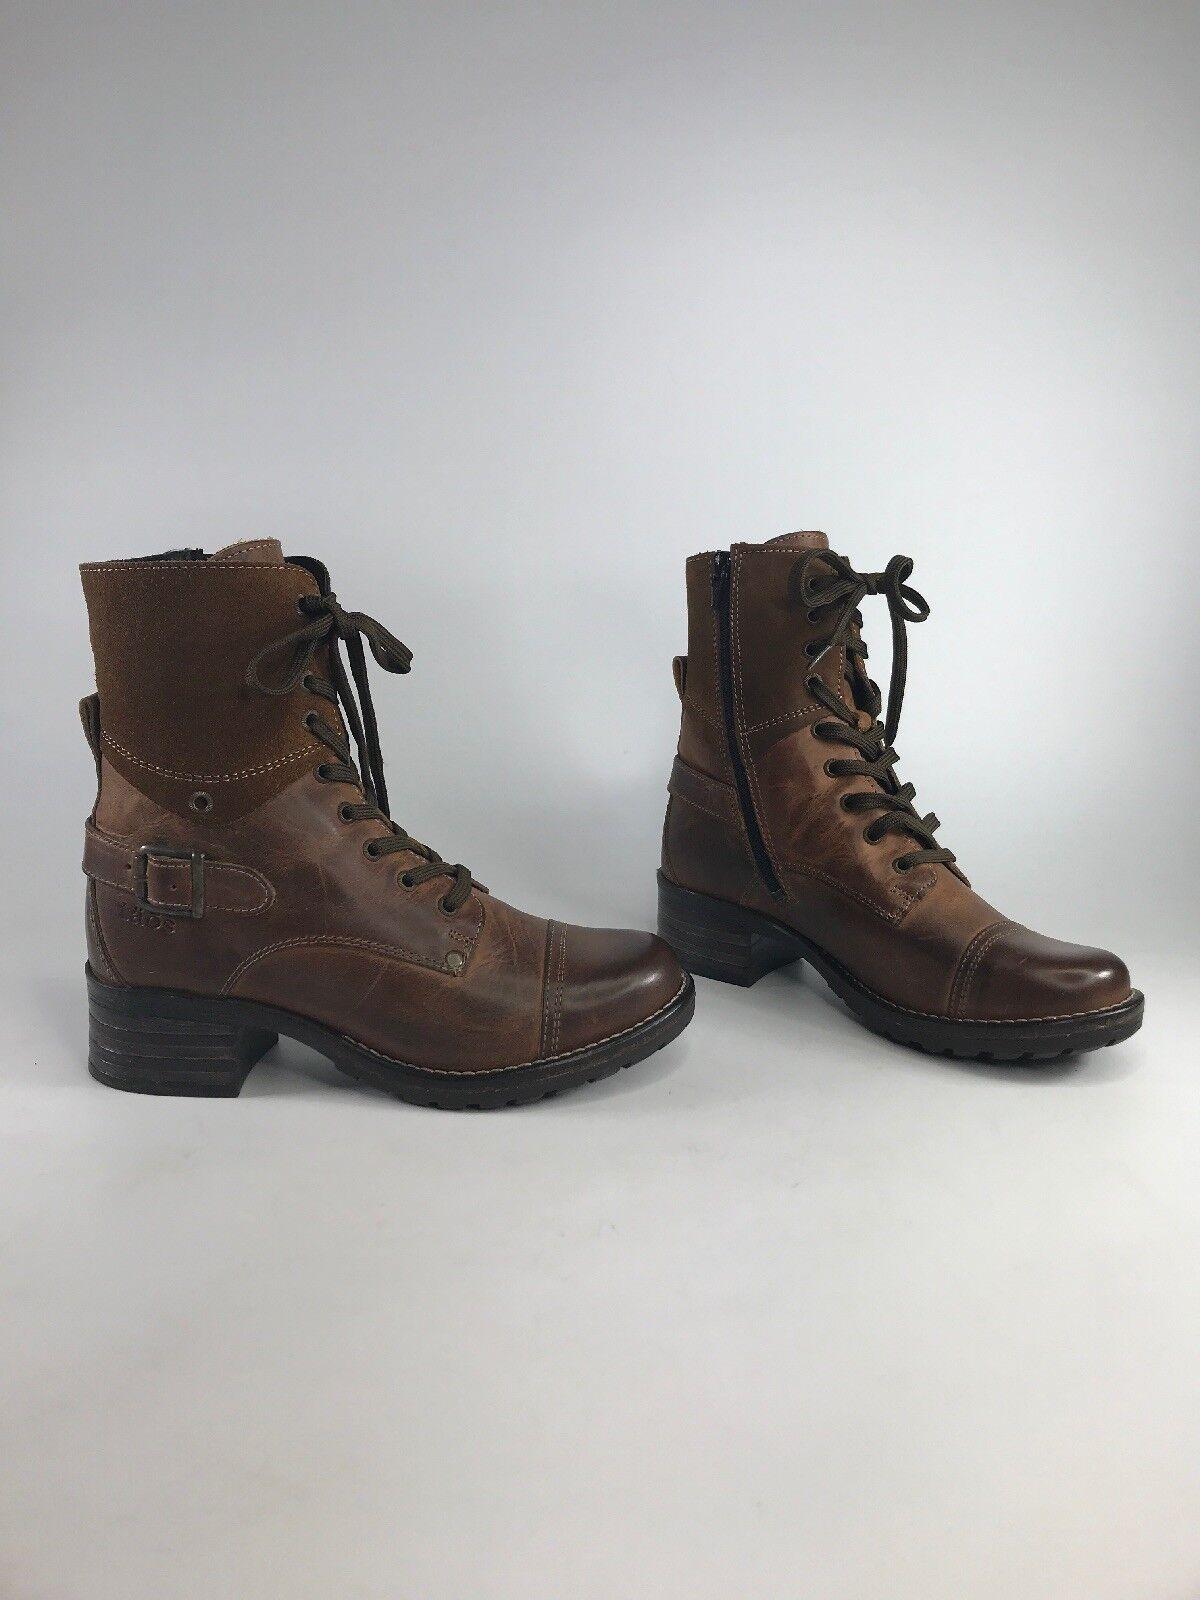 Taos para mujer botas de Combate de Cuero anhelan-Marrón anhelan-Marrón anhelan-Marrón   Nuevo Con Caja Talla 6-6.5 EUR 37 US d6d7c2